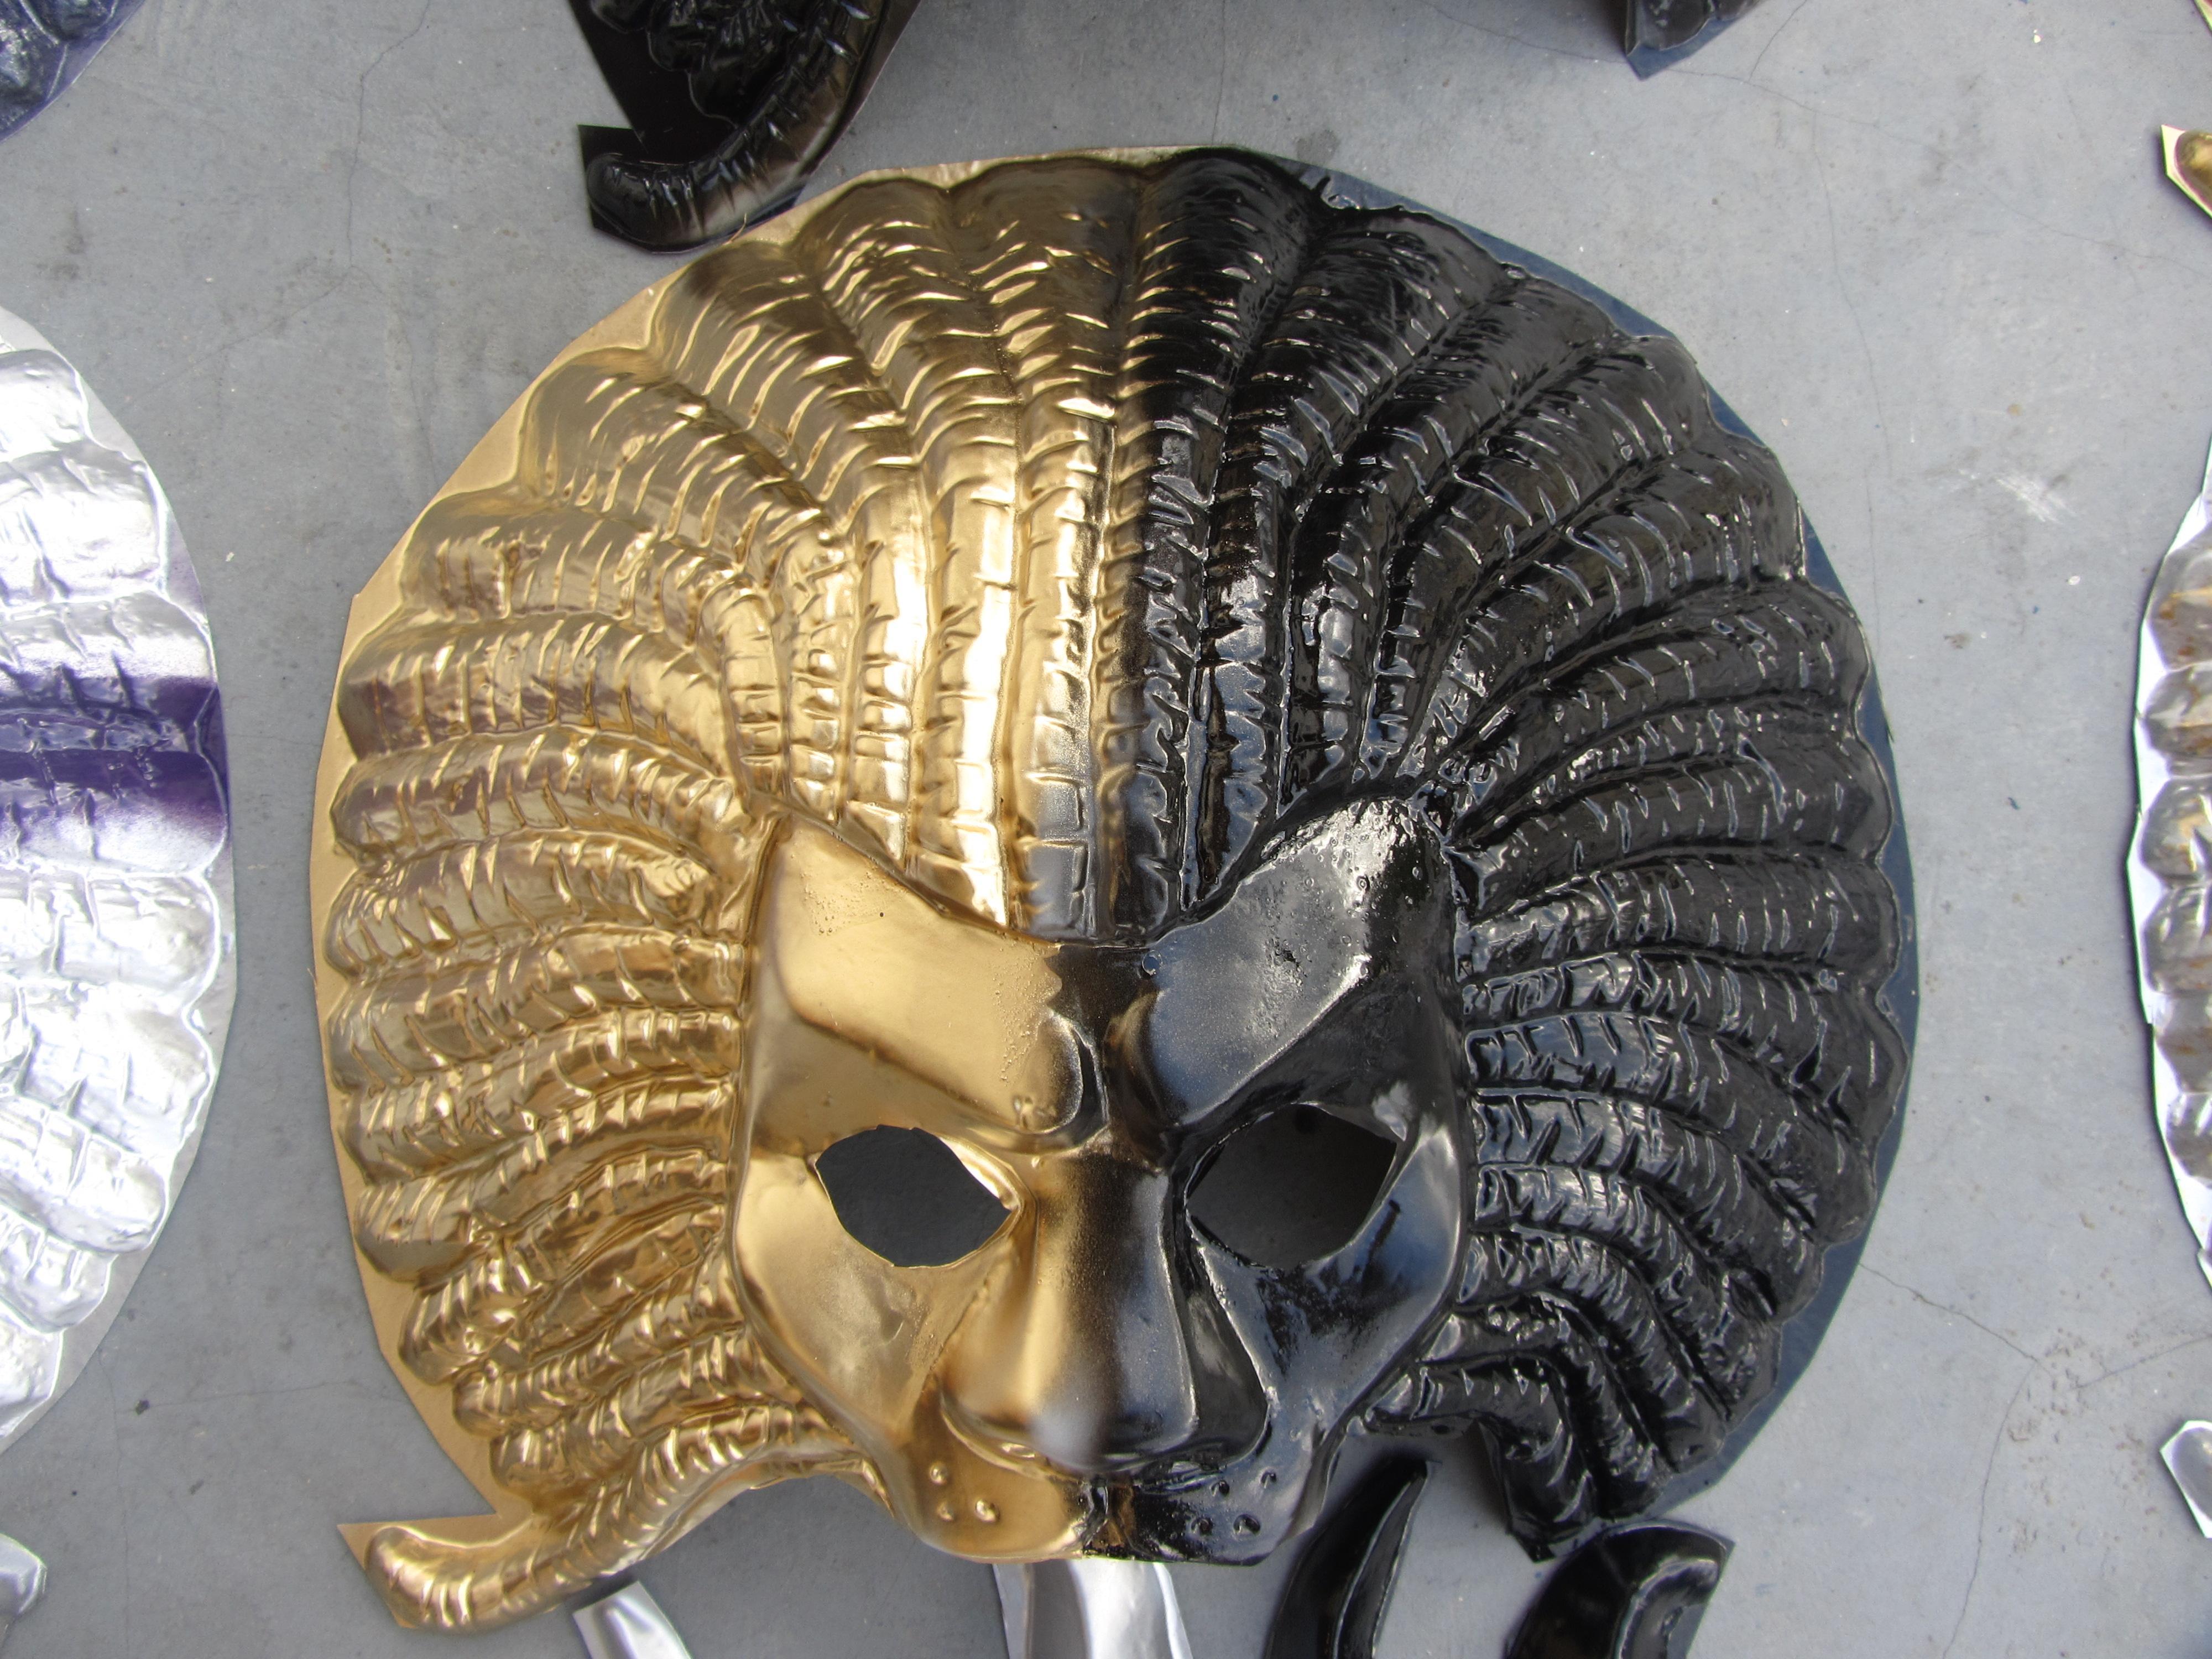 65 masks